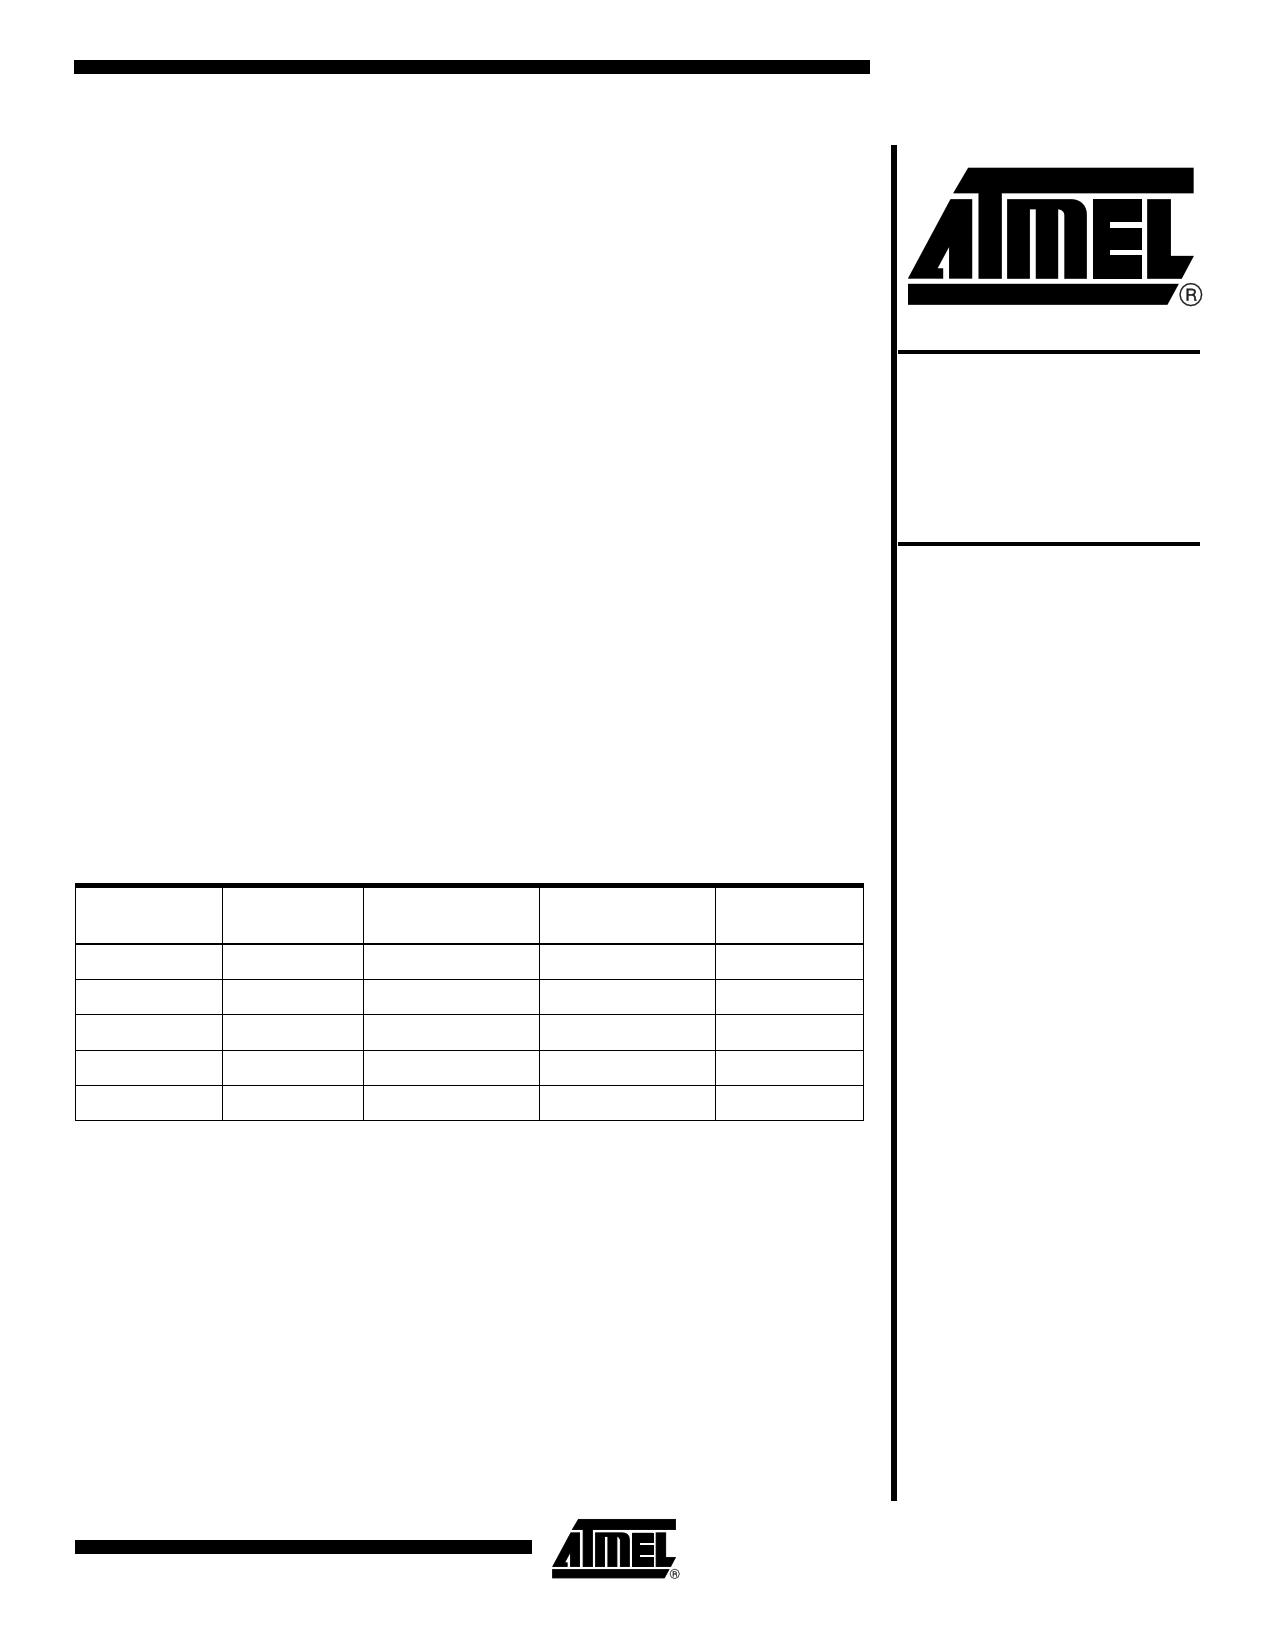 AT17N512-10CC Datasheet, AT17N512-10CC PDF,ピン配置, 機能